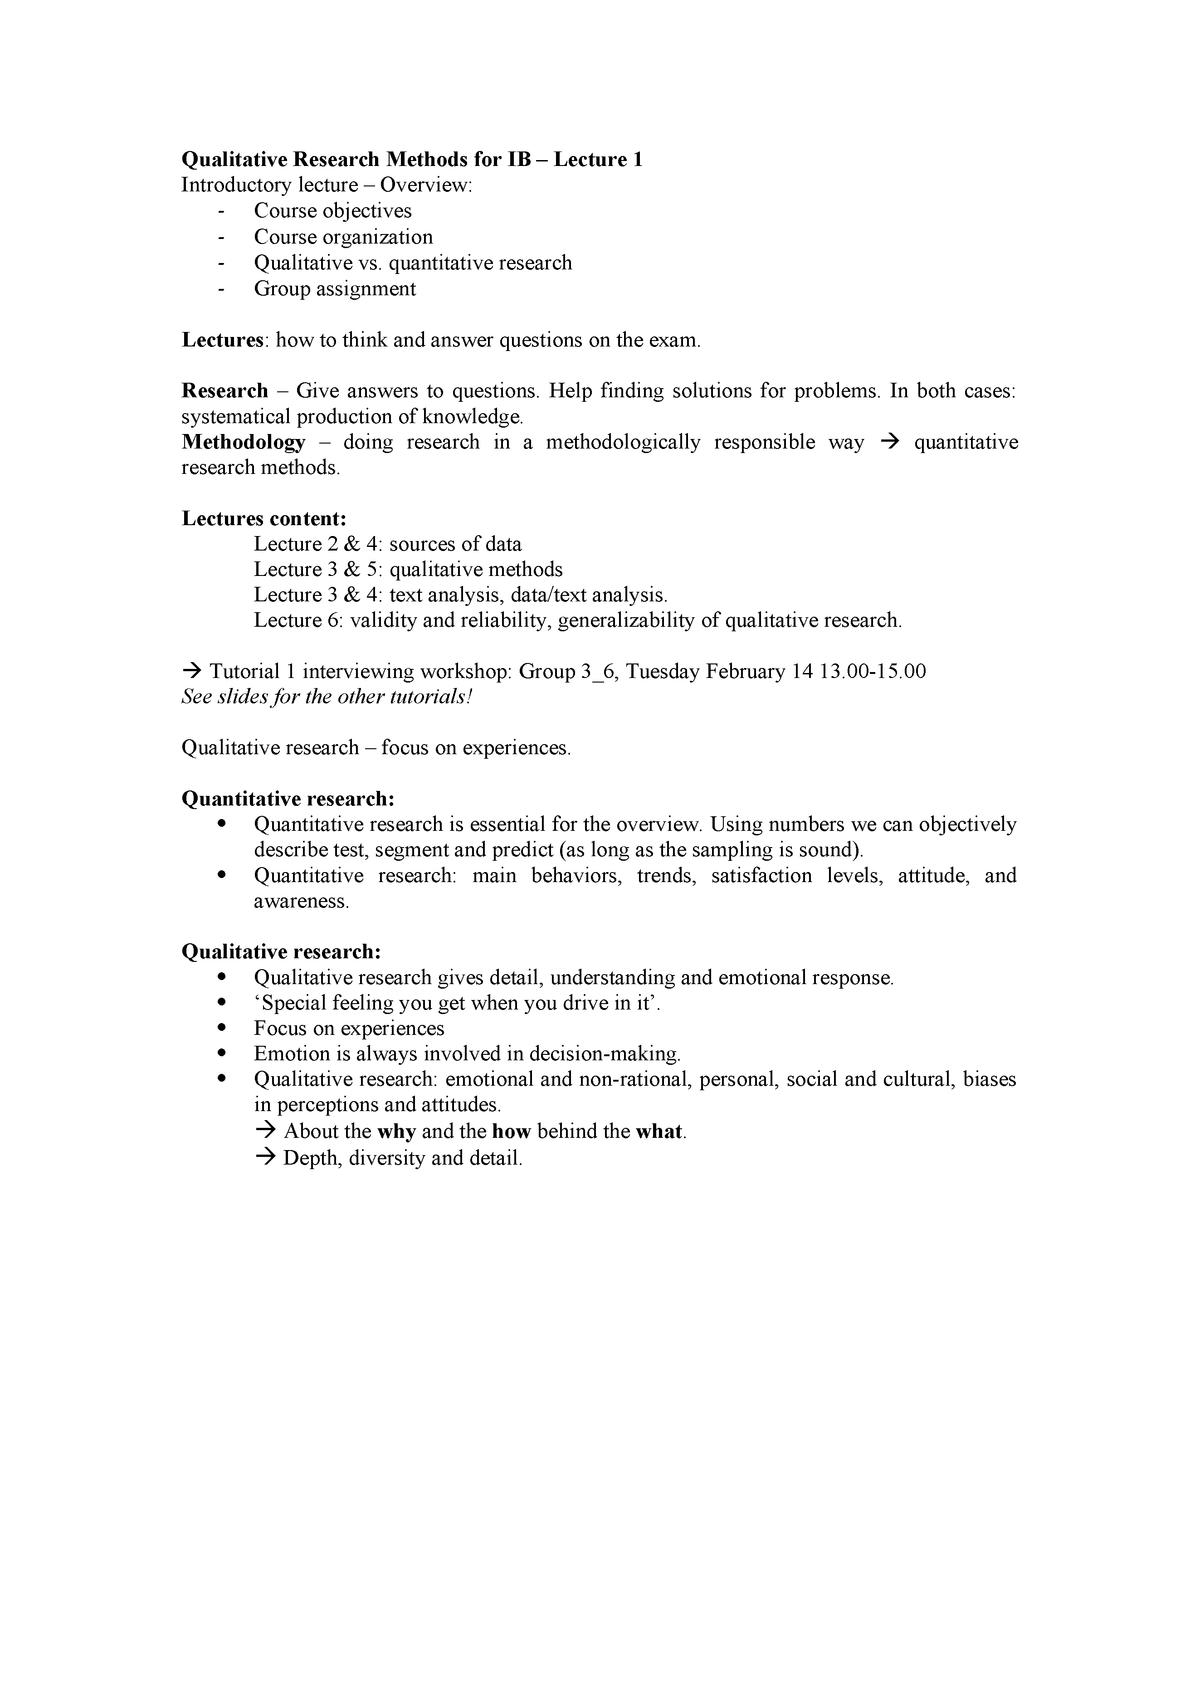 QRM lecture notes - College-aantekeningen 1-7 - EBB633B05